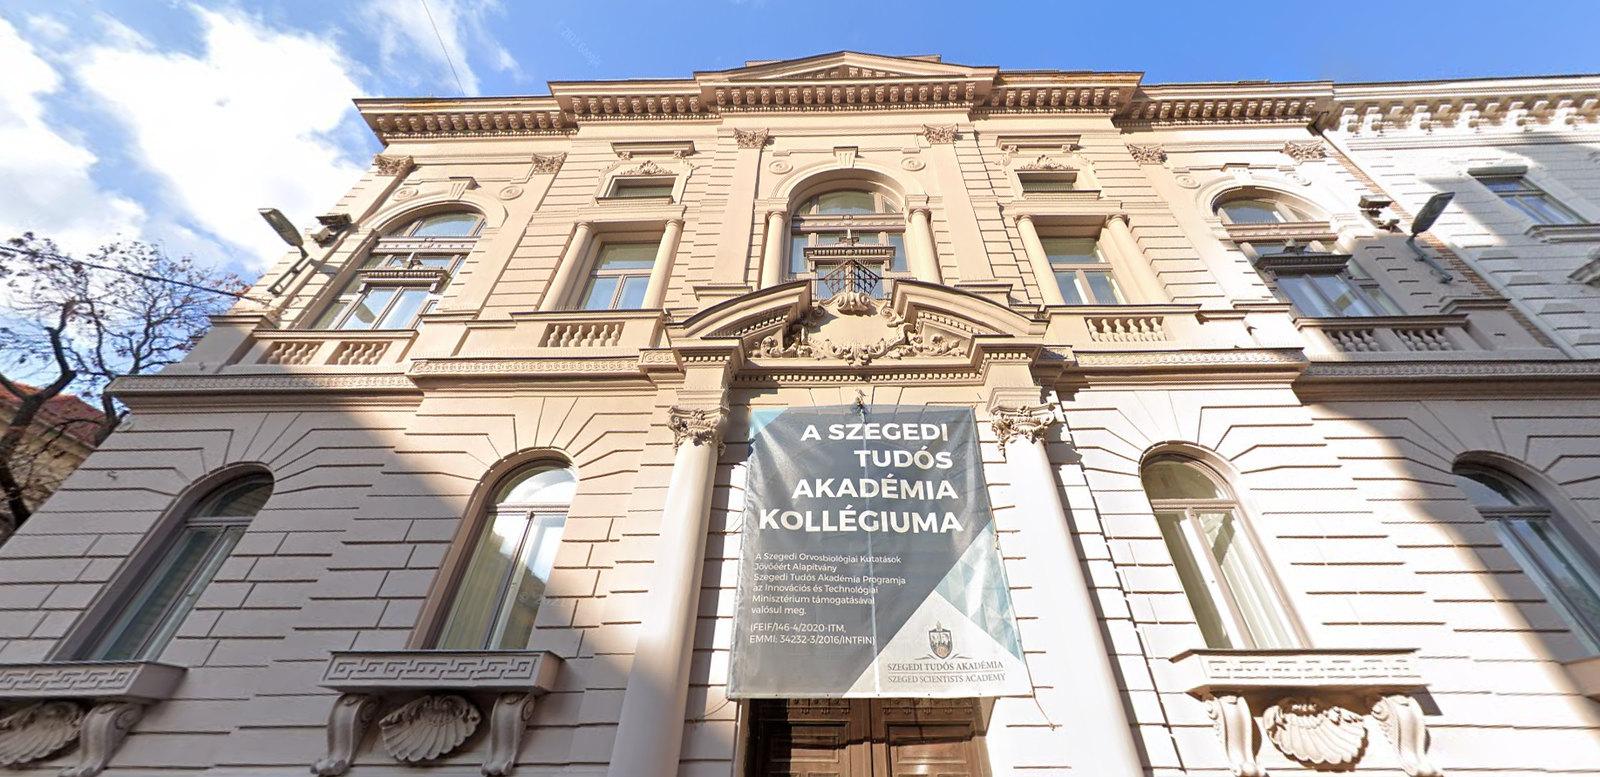 Megvan, miért maradt félbe a Szegedi Tudós Akadémia kollégiumi épületének felújítása